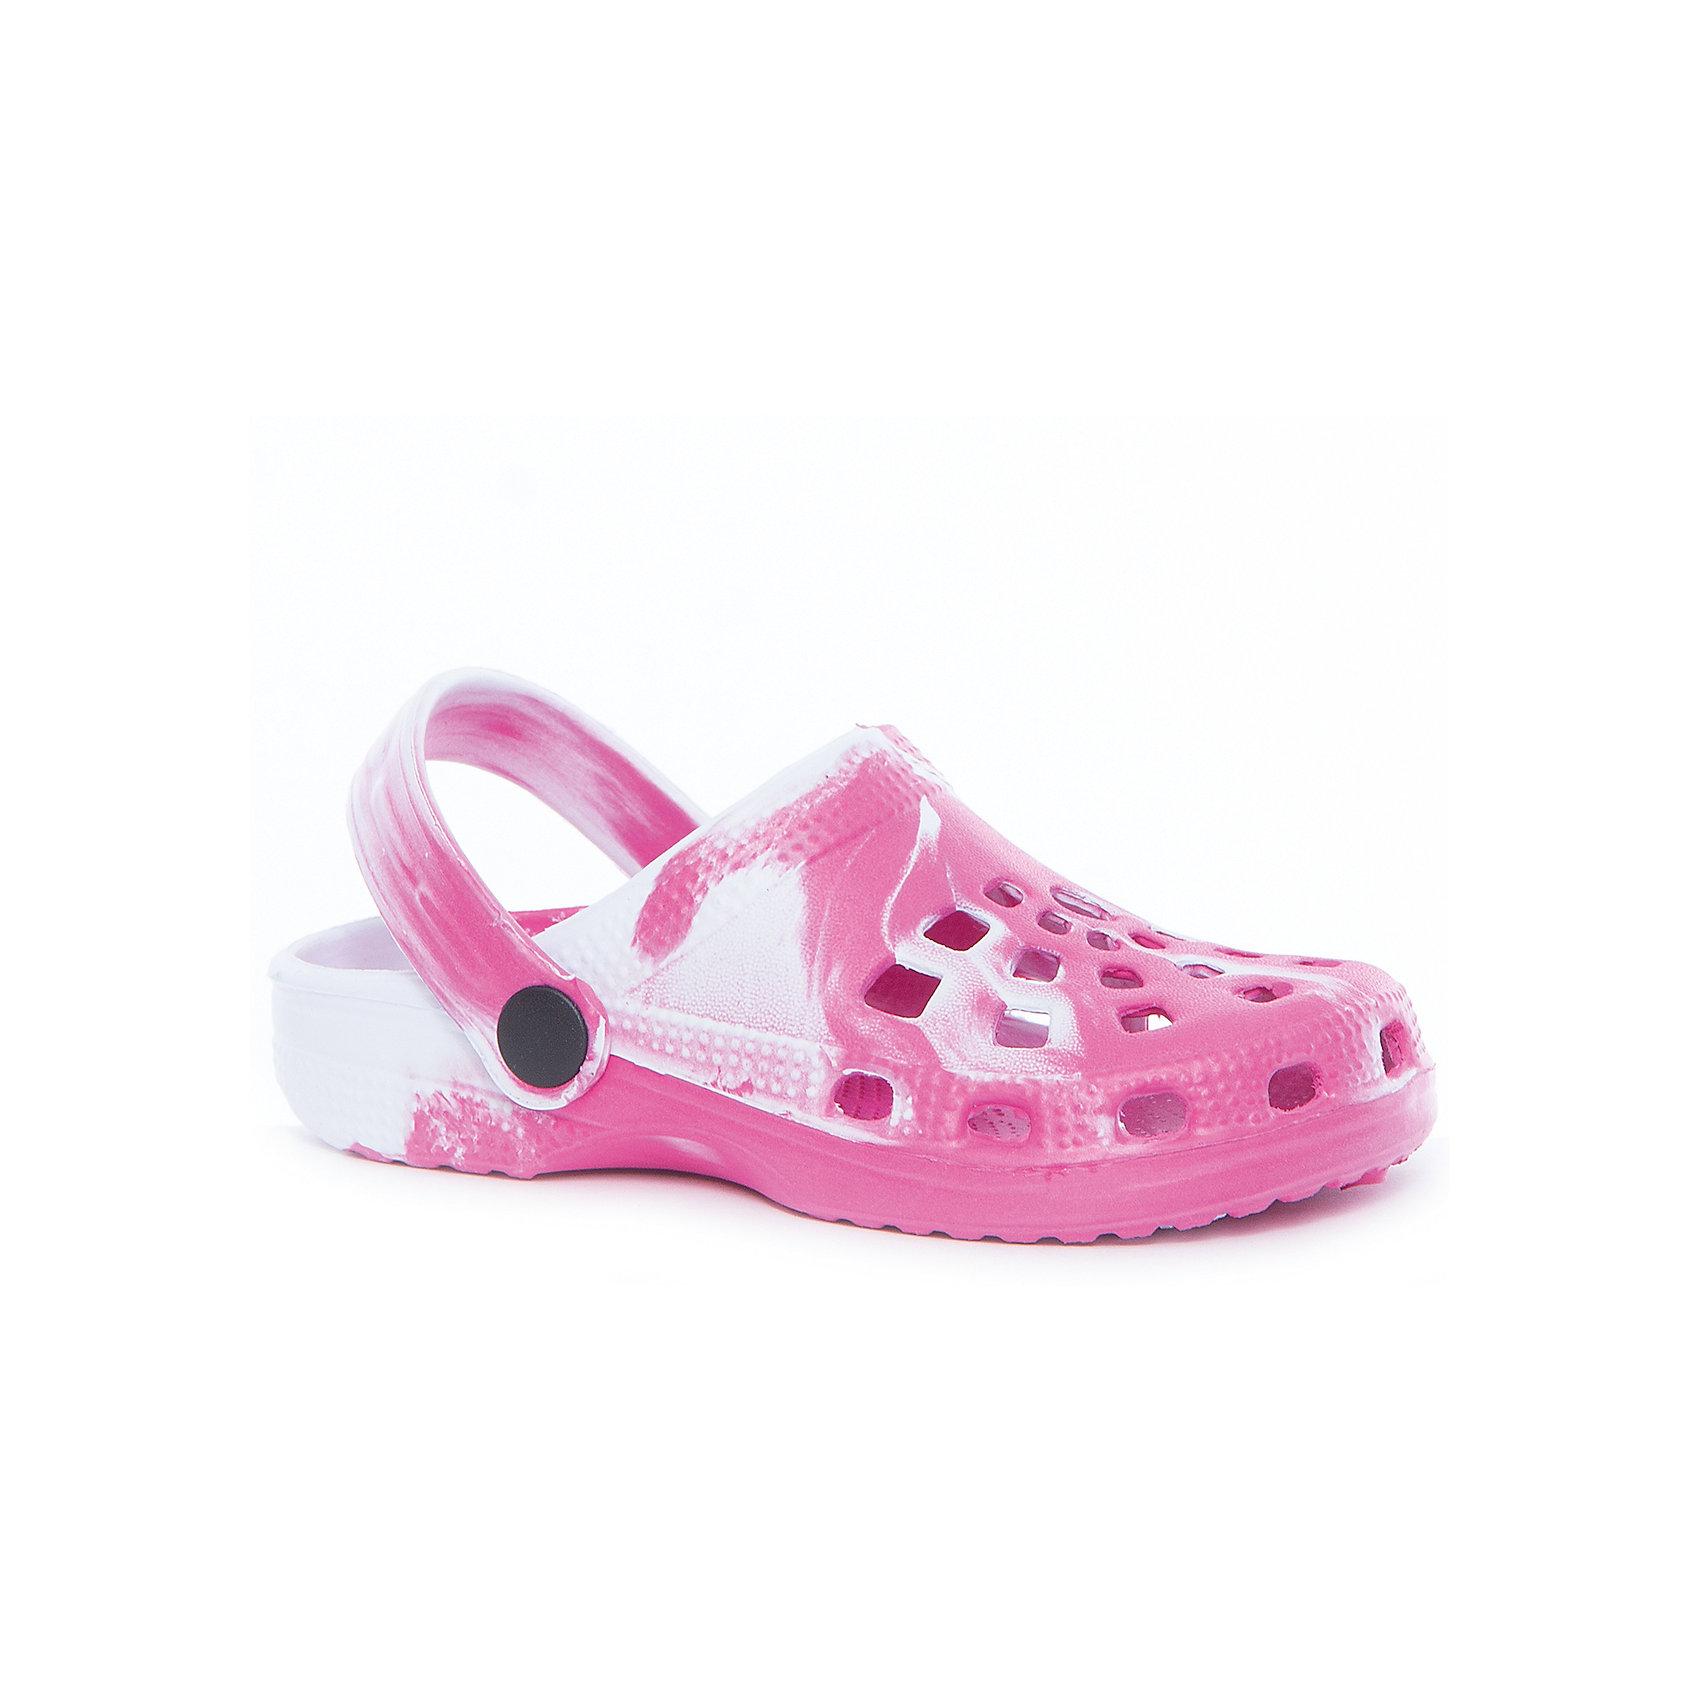 Сабо для девочки PlayTodayПляжная обувь<br>Пантолеты для девочки PlayToday<br>Эти удобные пантолеты прекрасно подойдут и для дачи, и для пляжа. Подвижный пяточный ремень позволяет легко снимать о одевать обувь. Перфорированная носочная часть обеспечивает хорошую вентиляцию <br><br>Преимущества: <br><br>Подвижный пяточный ремень позволяет легко снимать и одевать пантолеты<br>Перфорированная носочная часть обеспечивает хорошую вентиляцию<br><br>Состав:<br>100% этилвинилацетат<br><br>Ширина мм: 225<br>Глубина мм: 139<br>Высота мм: 112<br>Вес г: 290<br>Цвет: разноцветный<br>Возраст от месяцев: 96<br>Возраст до месяцев: 108<br>Пол: Женский<br>Возраст: Детский<br>Размер: 32,28,29,30,31<br>SKU: 5404666